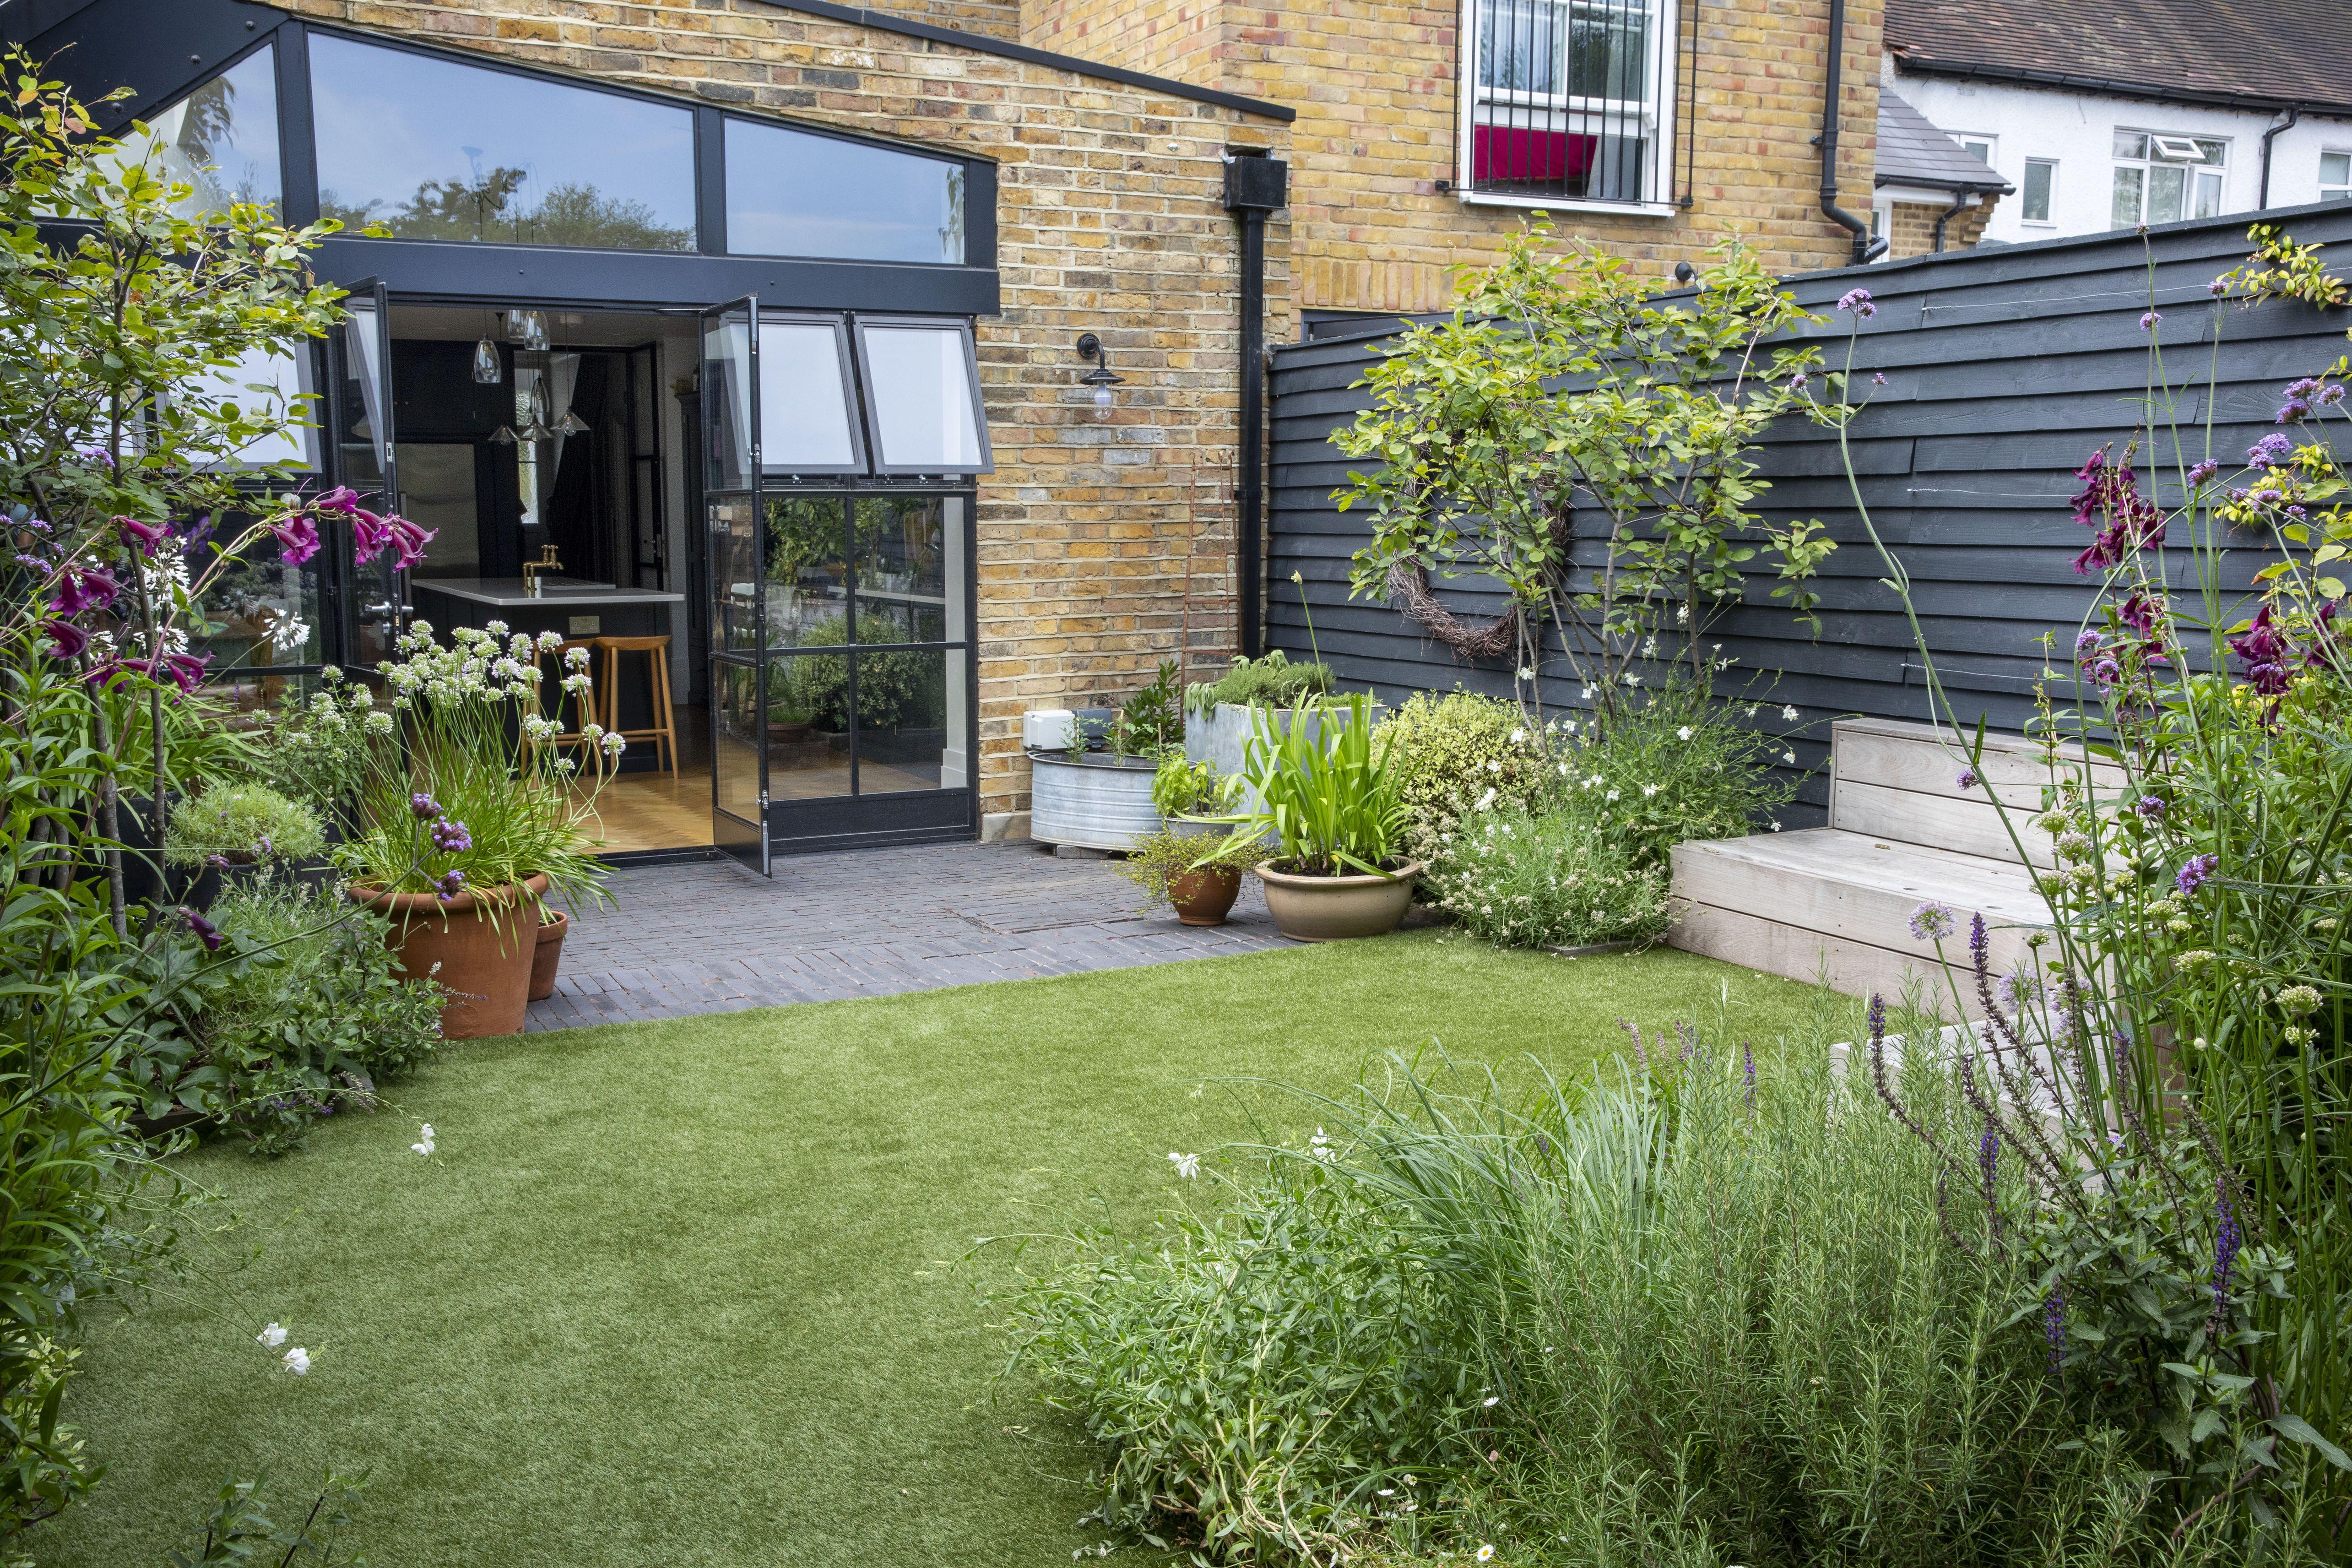 Teddington Terrace Garden Club London In 2020 Terrace Garden London Garden Backyard